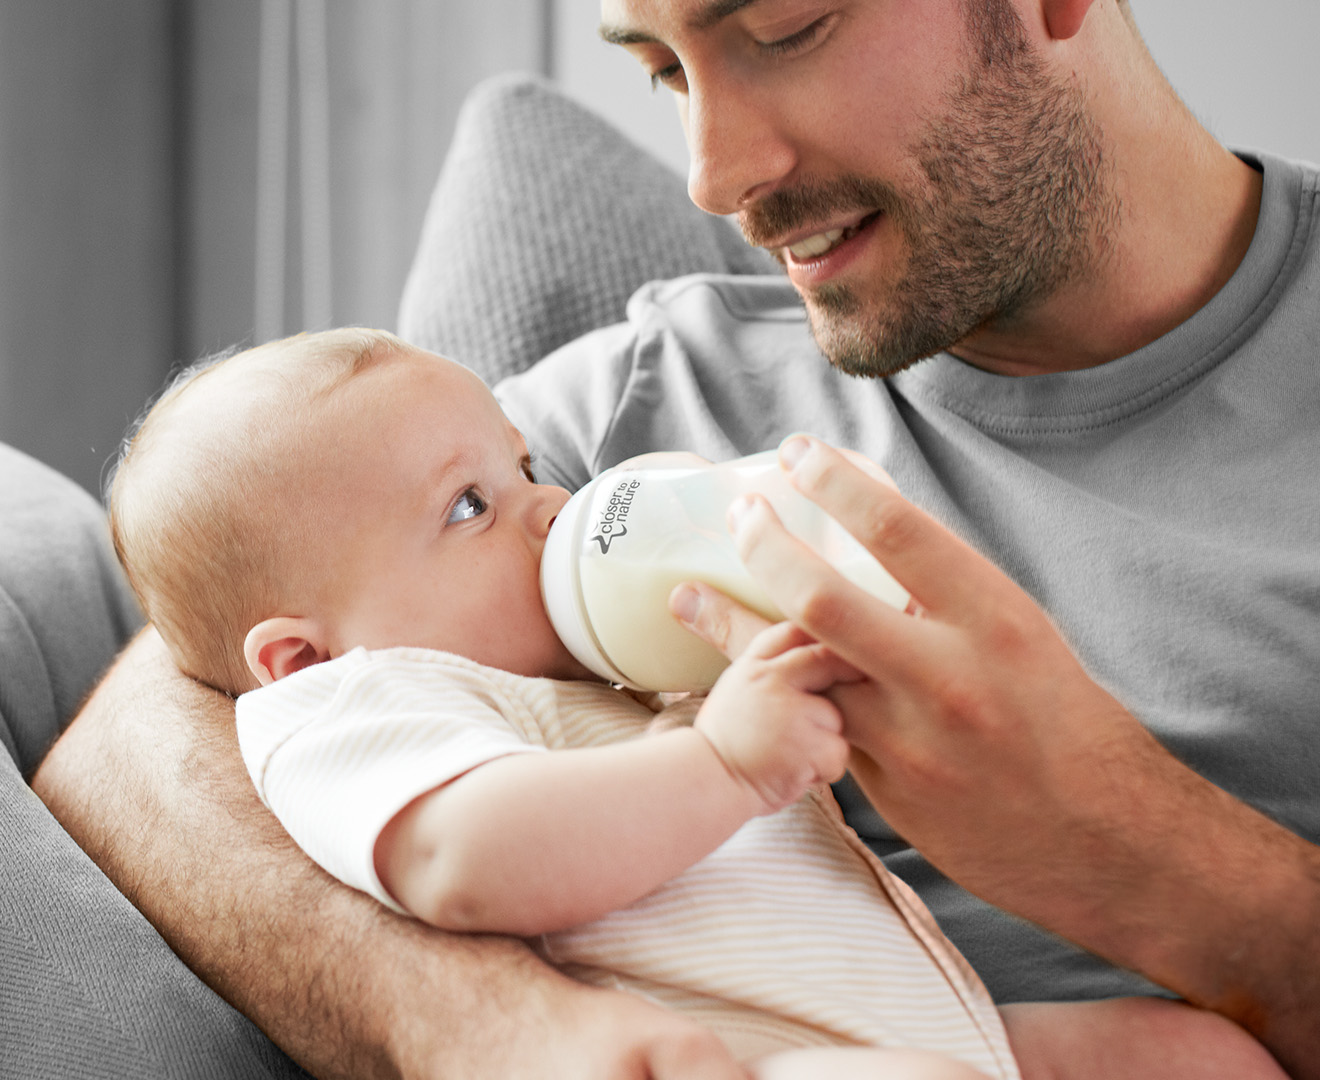 Tommee Tippee Closer To Nature Bottle Feeding Starter Kit White